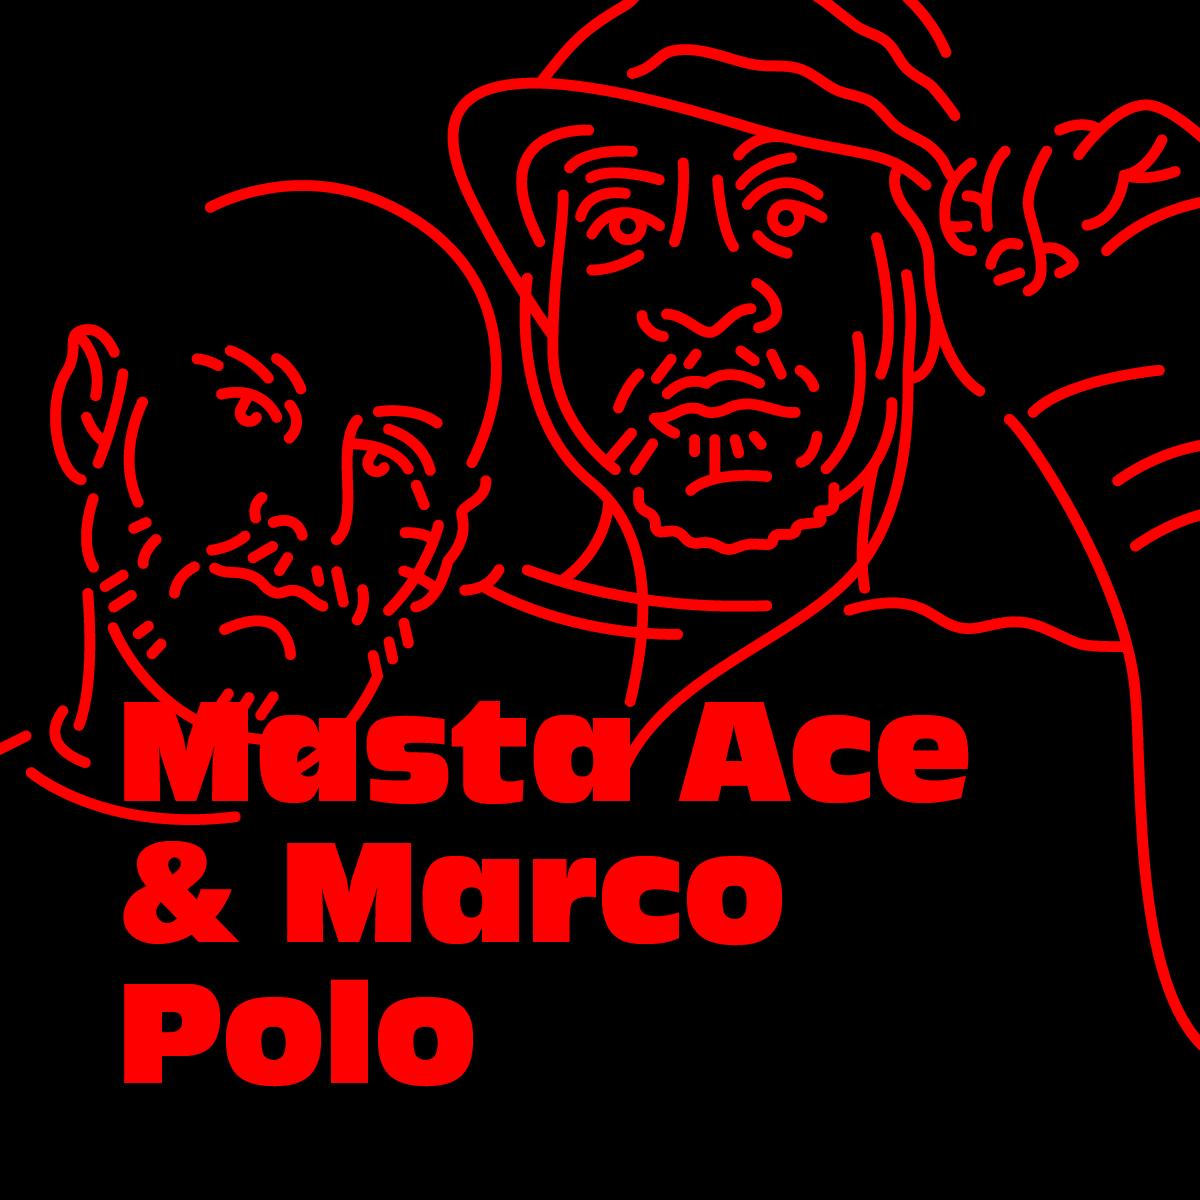 Masta Ace i Marco Polo